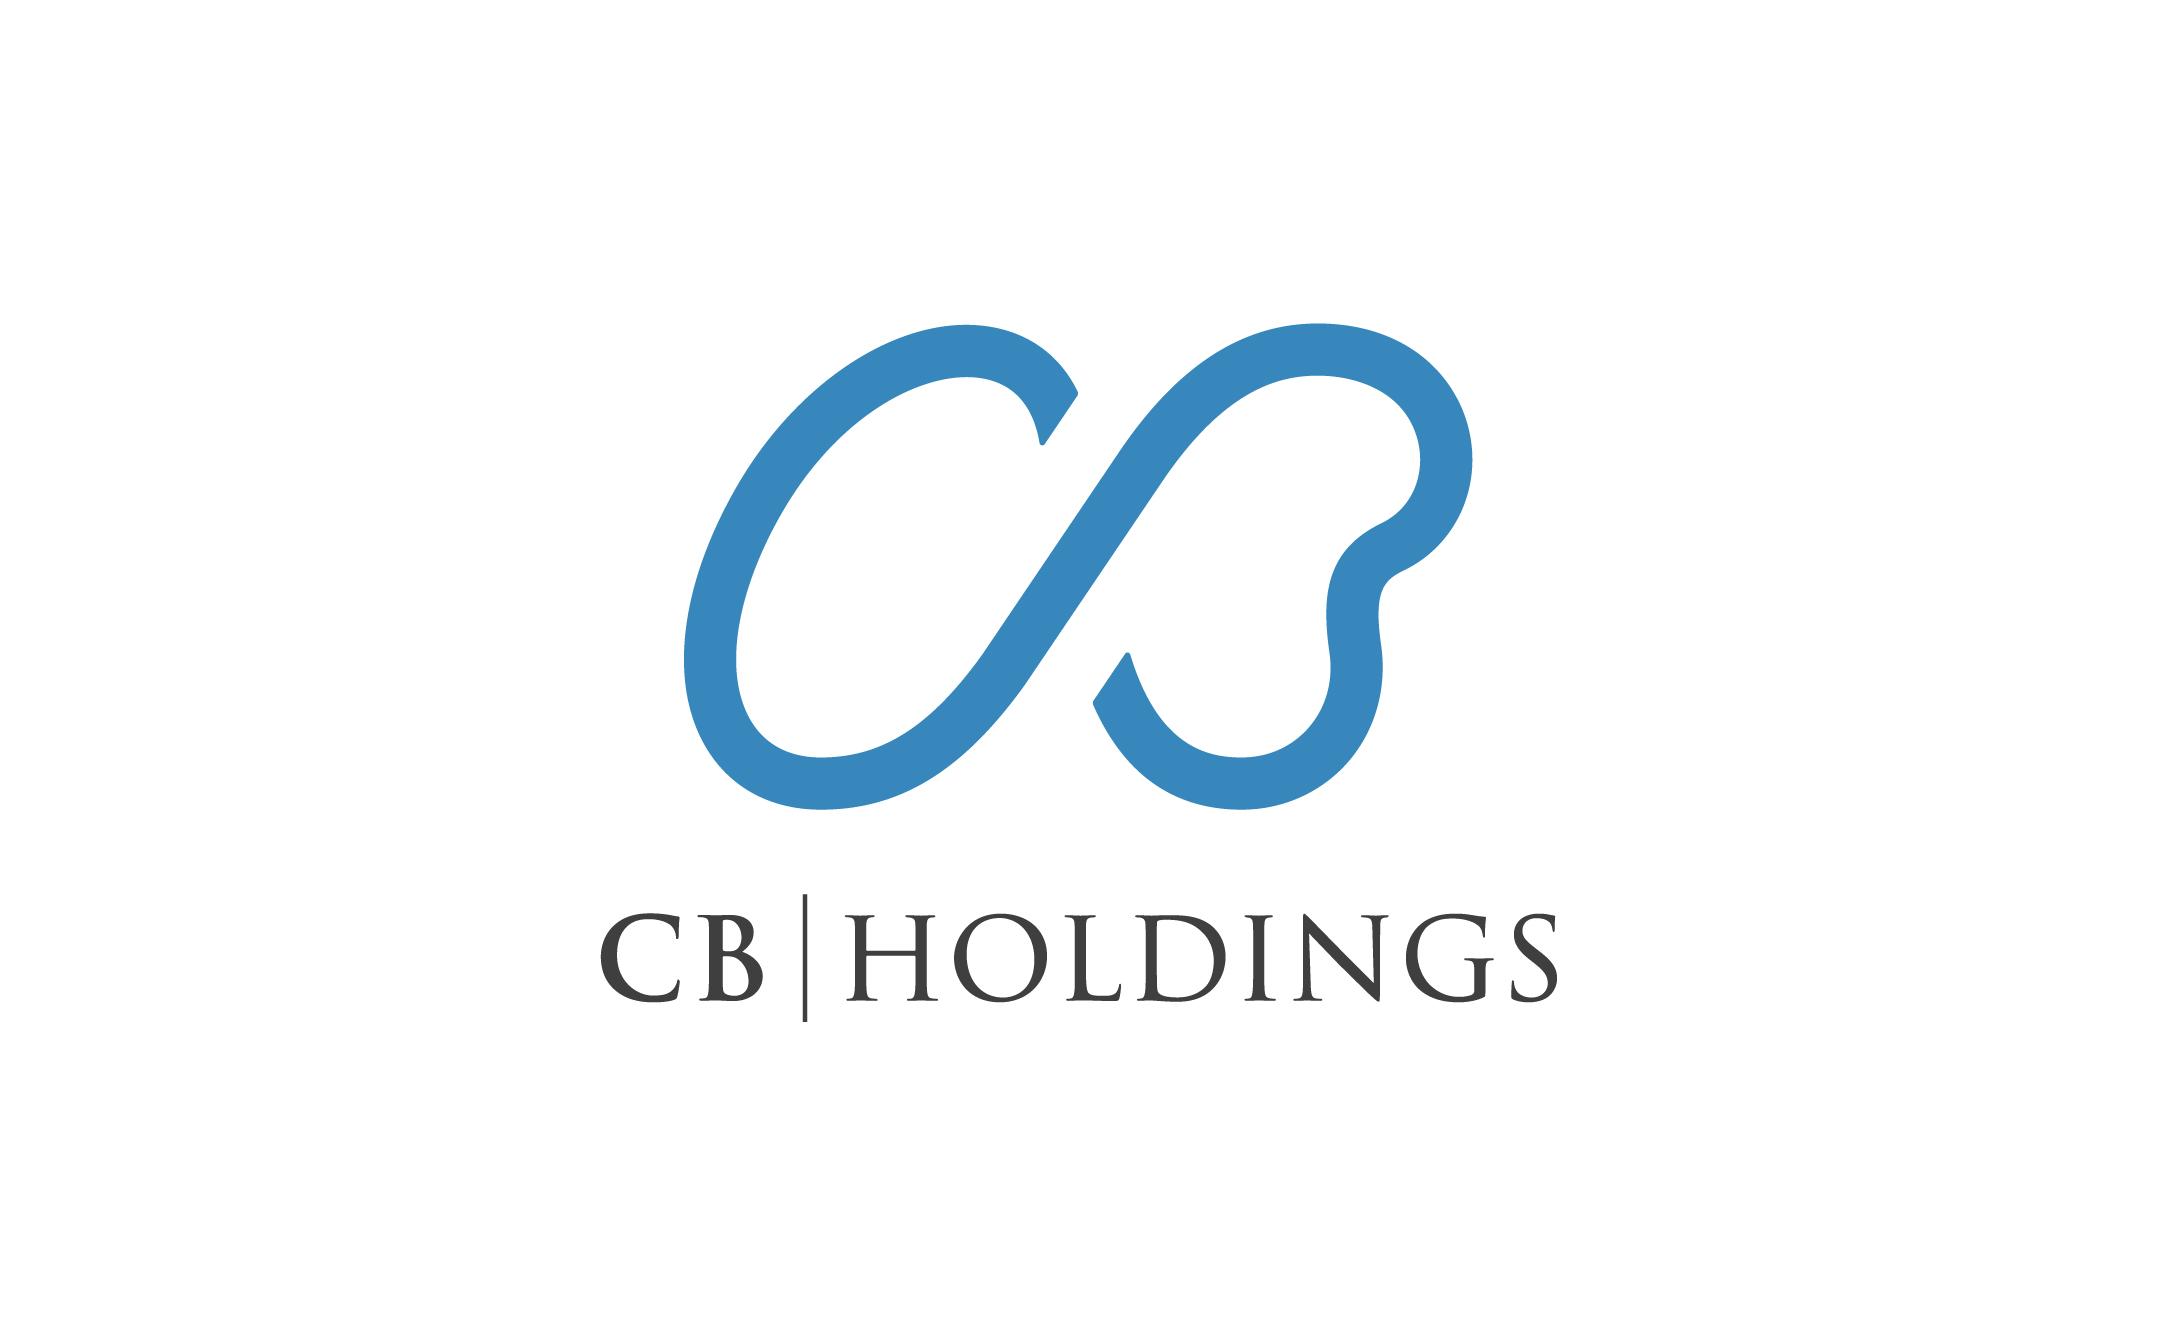 医療・介護・福祉業界でのIT・人材サービス CBホールディングス デザイン制作